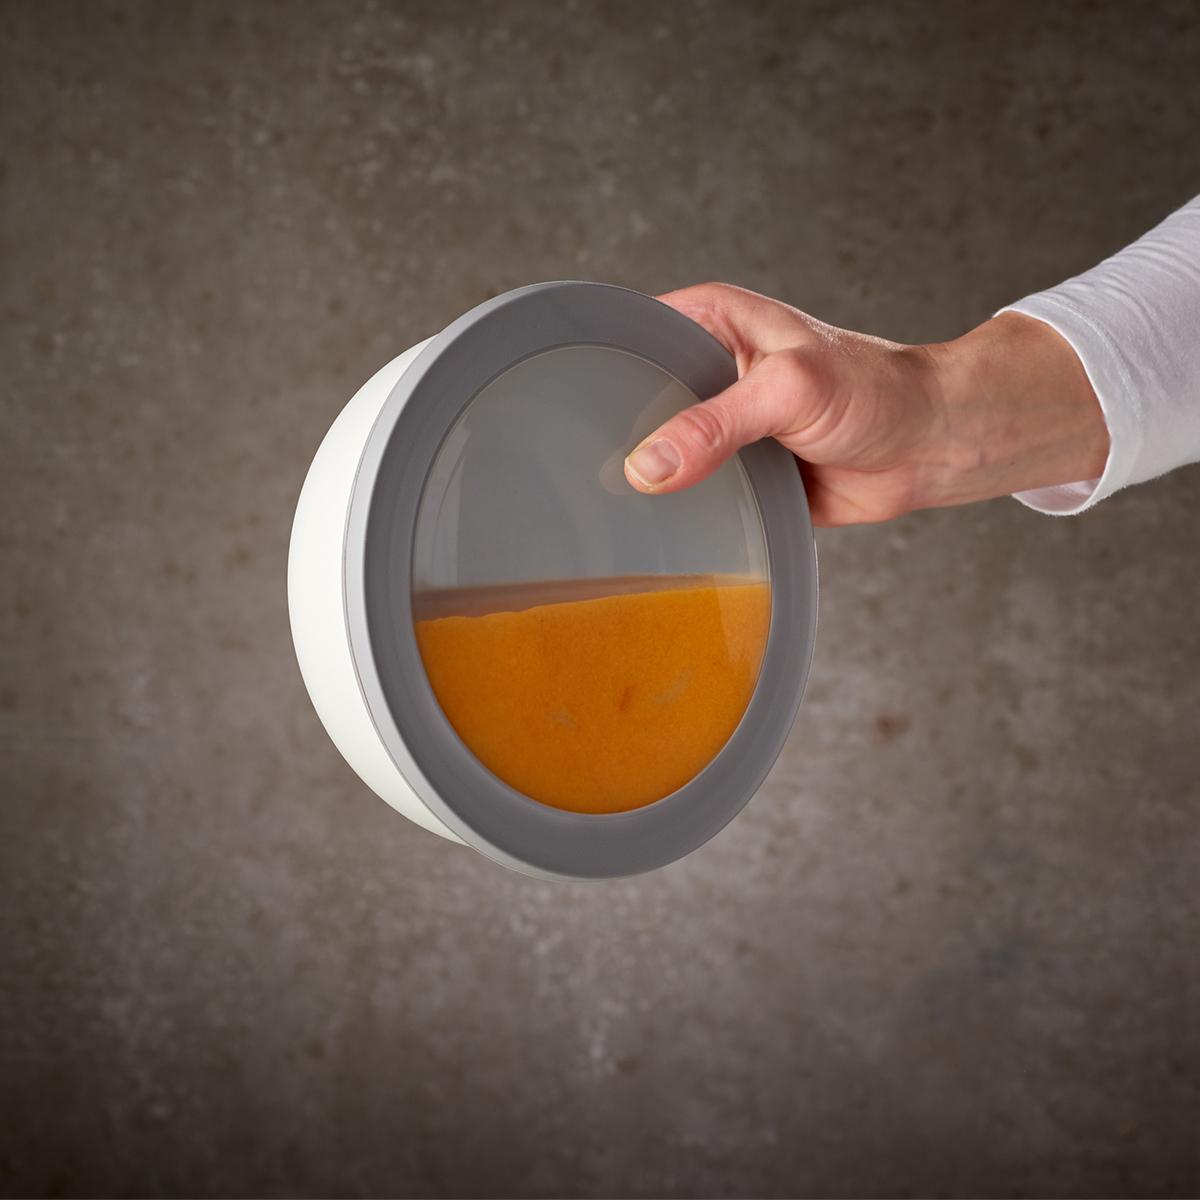 悩みの「汁漏れ」にサヨナラ!固形物だけでなく、煮物・スープなど汁気が多いものも安心して保存でき、どんな料理・食材にも万能。汁漏れしないマルチボウル・タッパー・保存容器|MEPAL CIRQULA(サーキュラ)